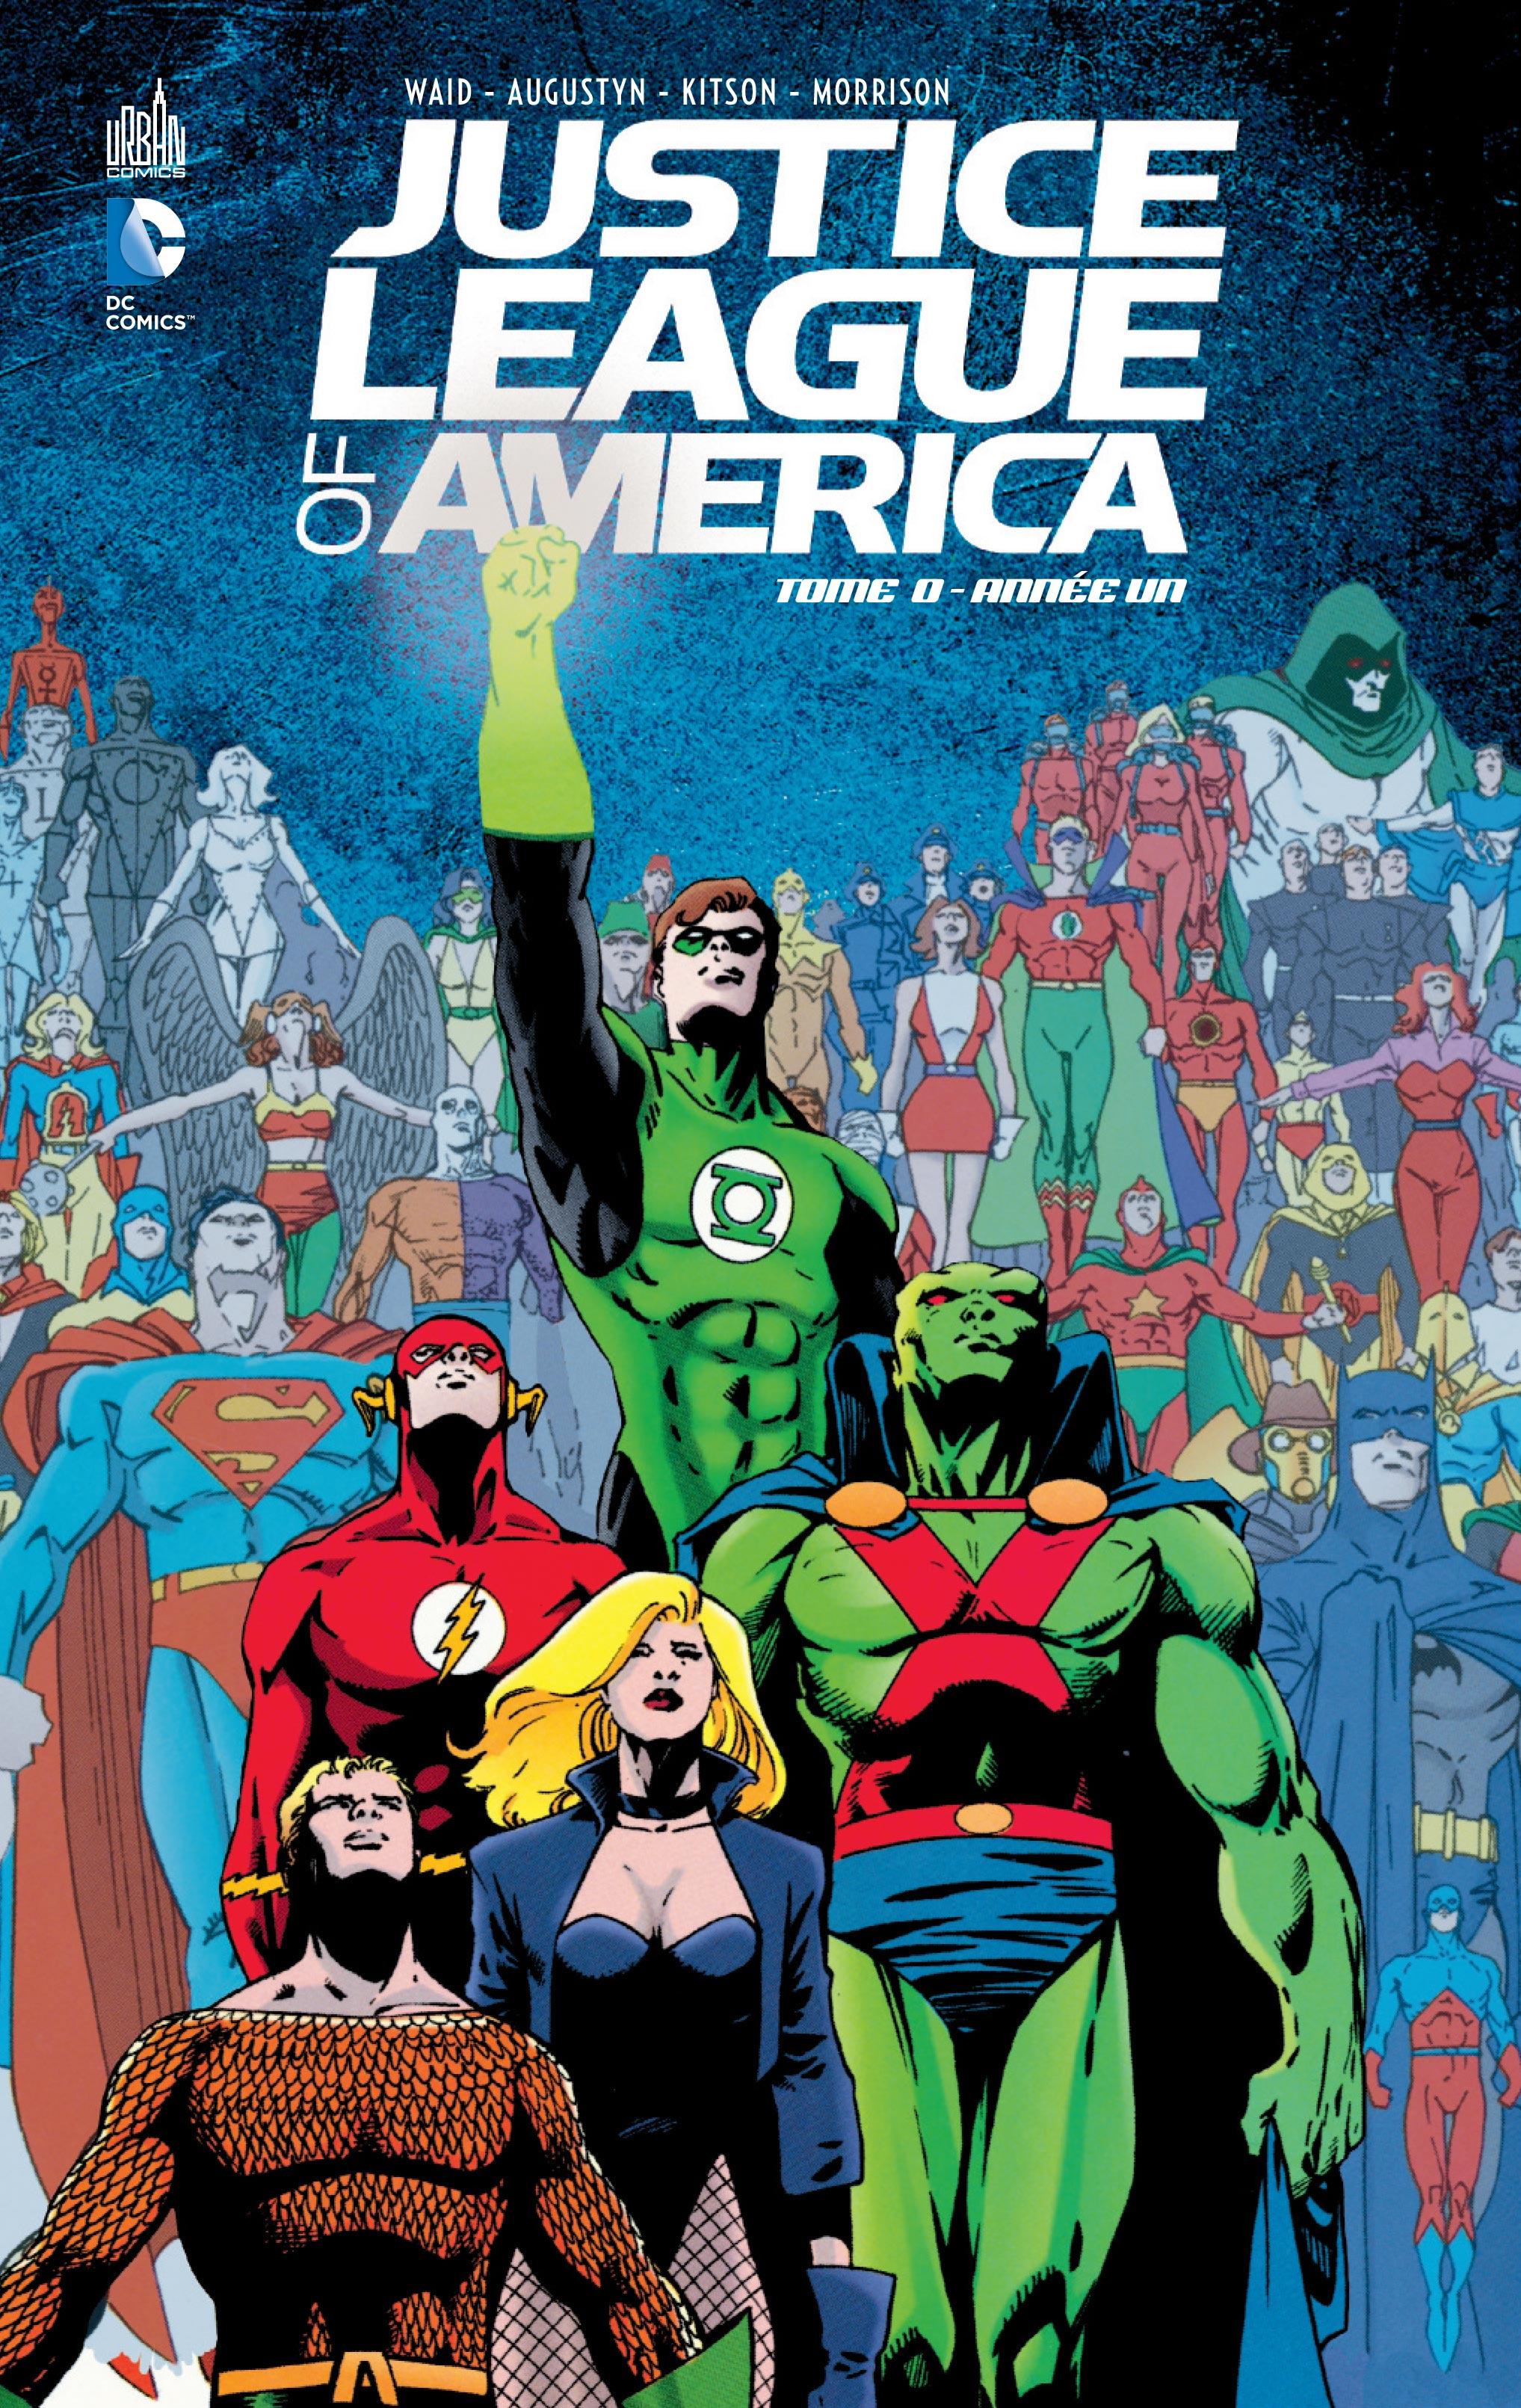 Justice League Of America 0 - Année un